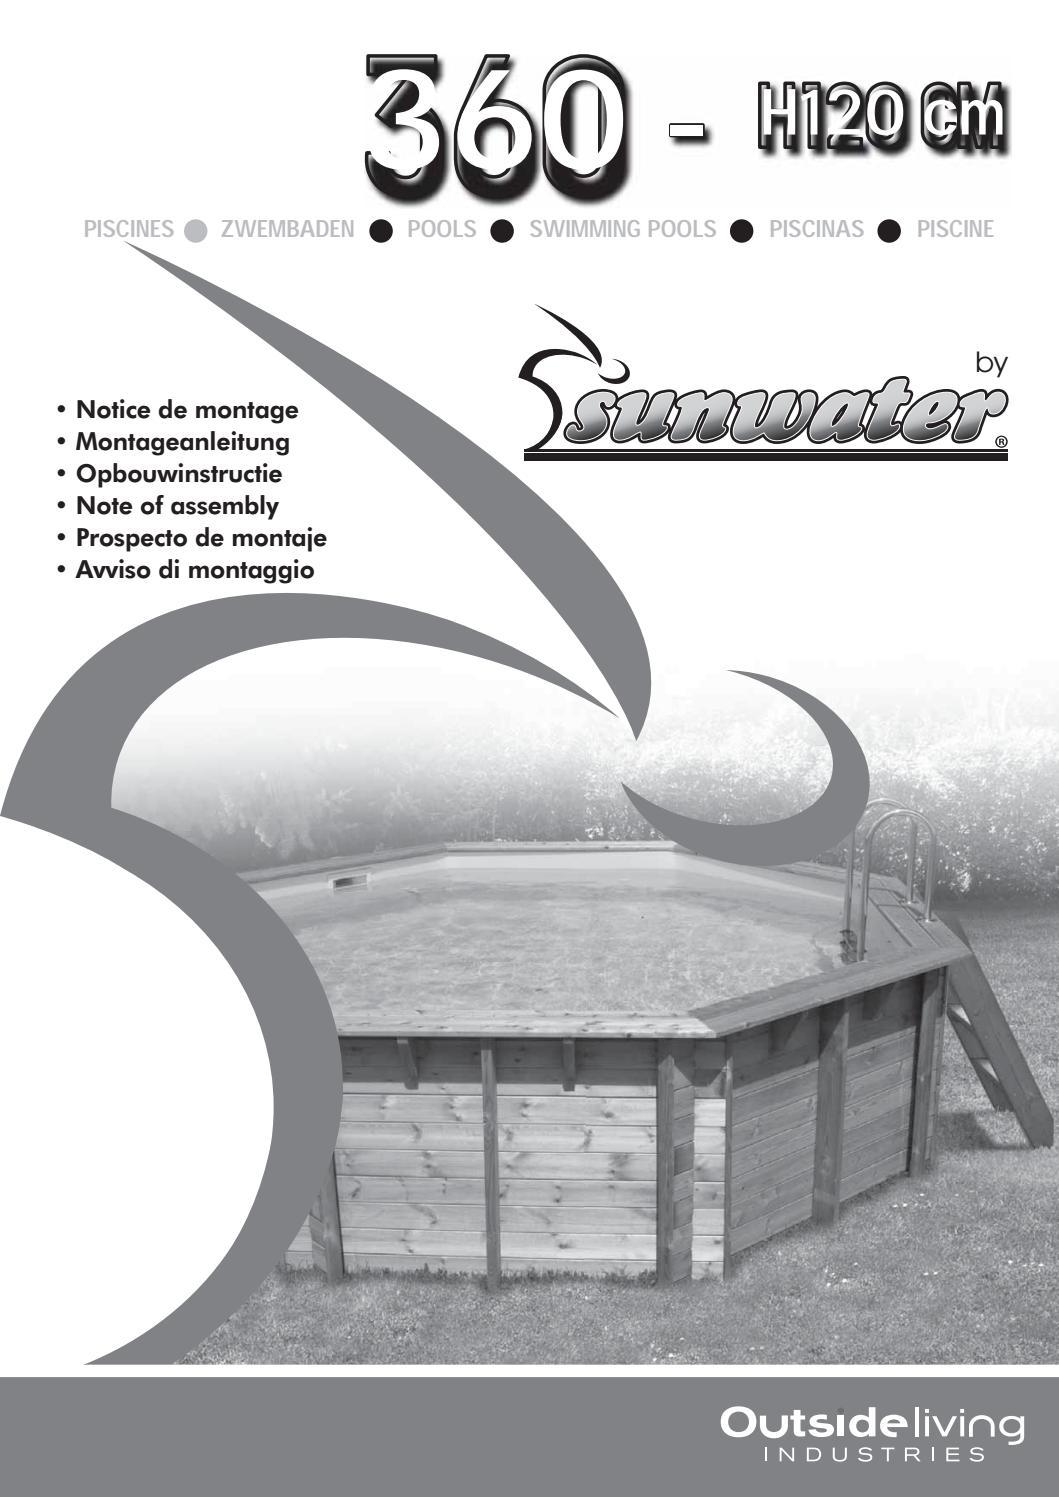 Piscine En Inox Steel And Style notice 360 - h120-2018_1 k.pdf____ - issuu